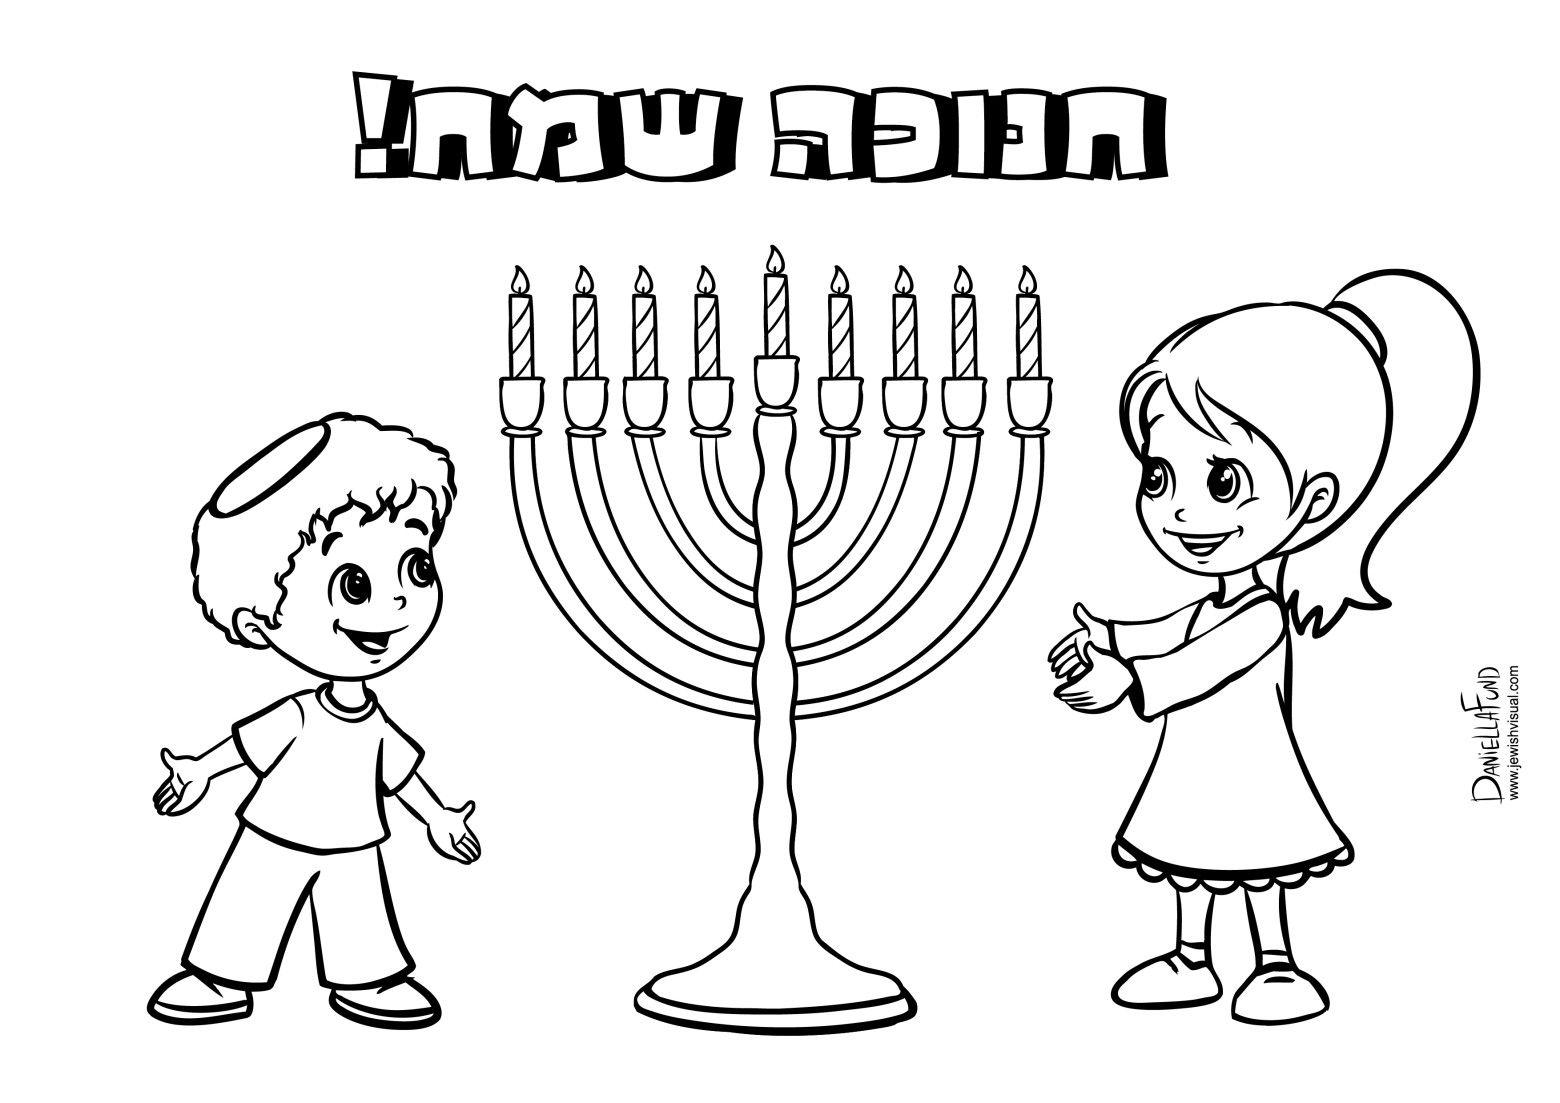 happy hanukkah | חנוכה | Pinterest